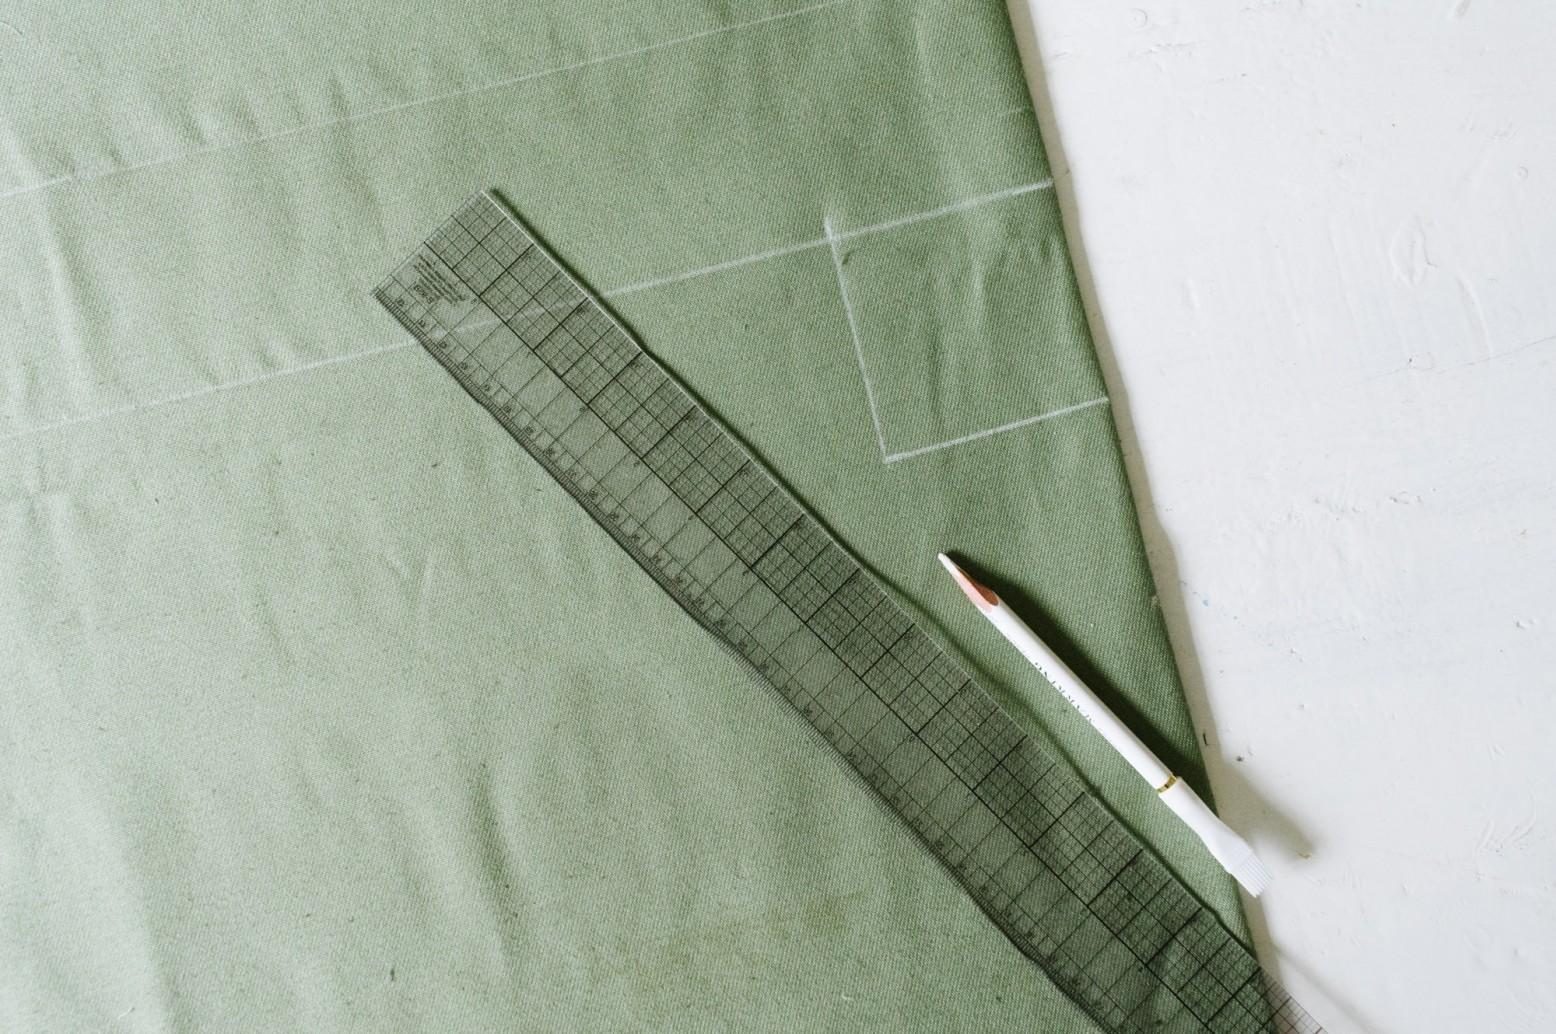 Cách may túi vải tại nhà - vẽ phác lên vải